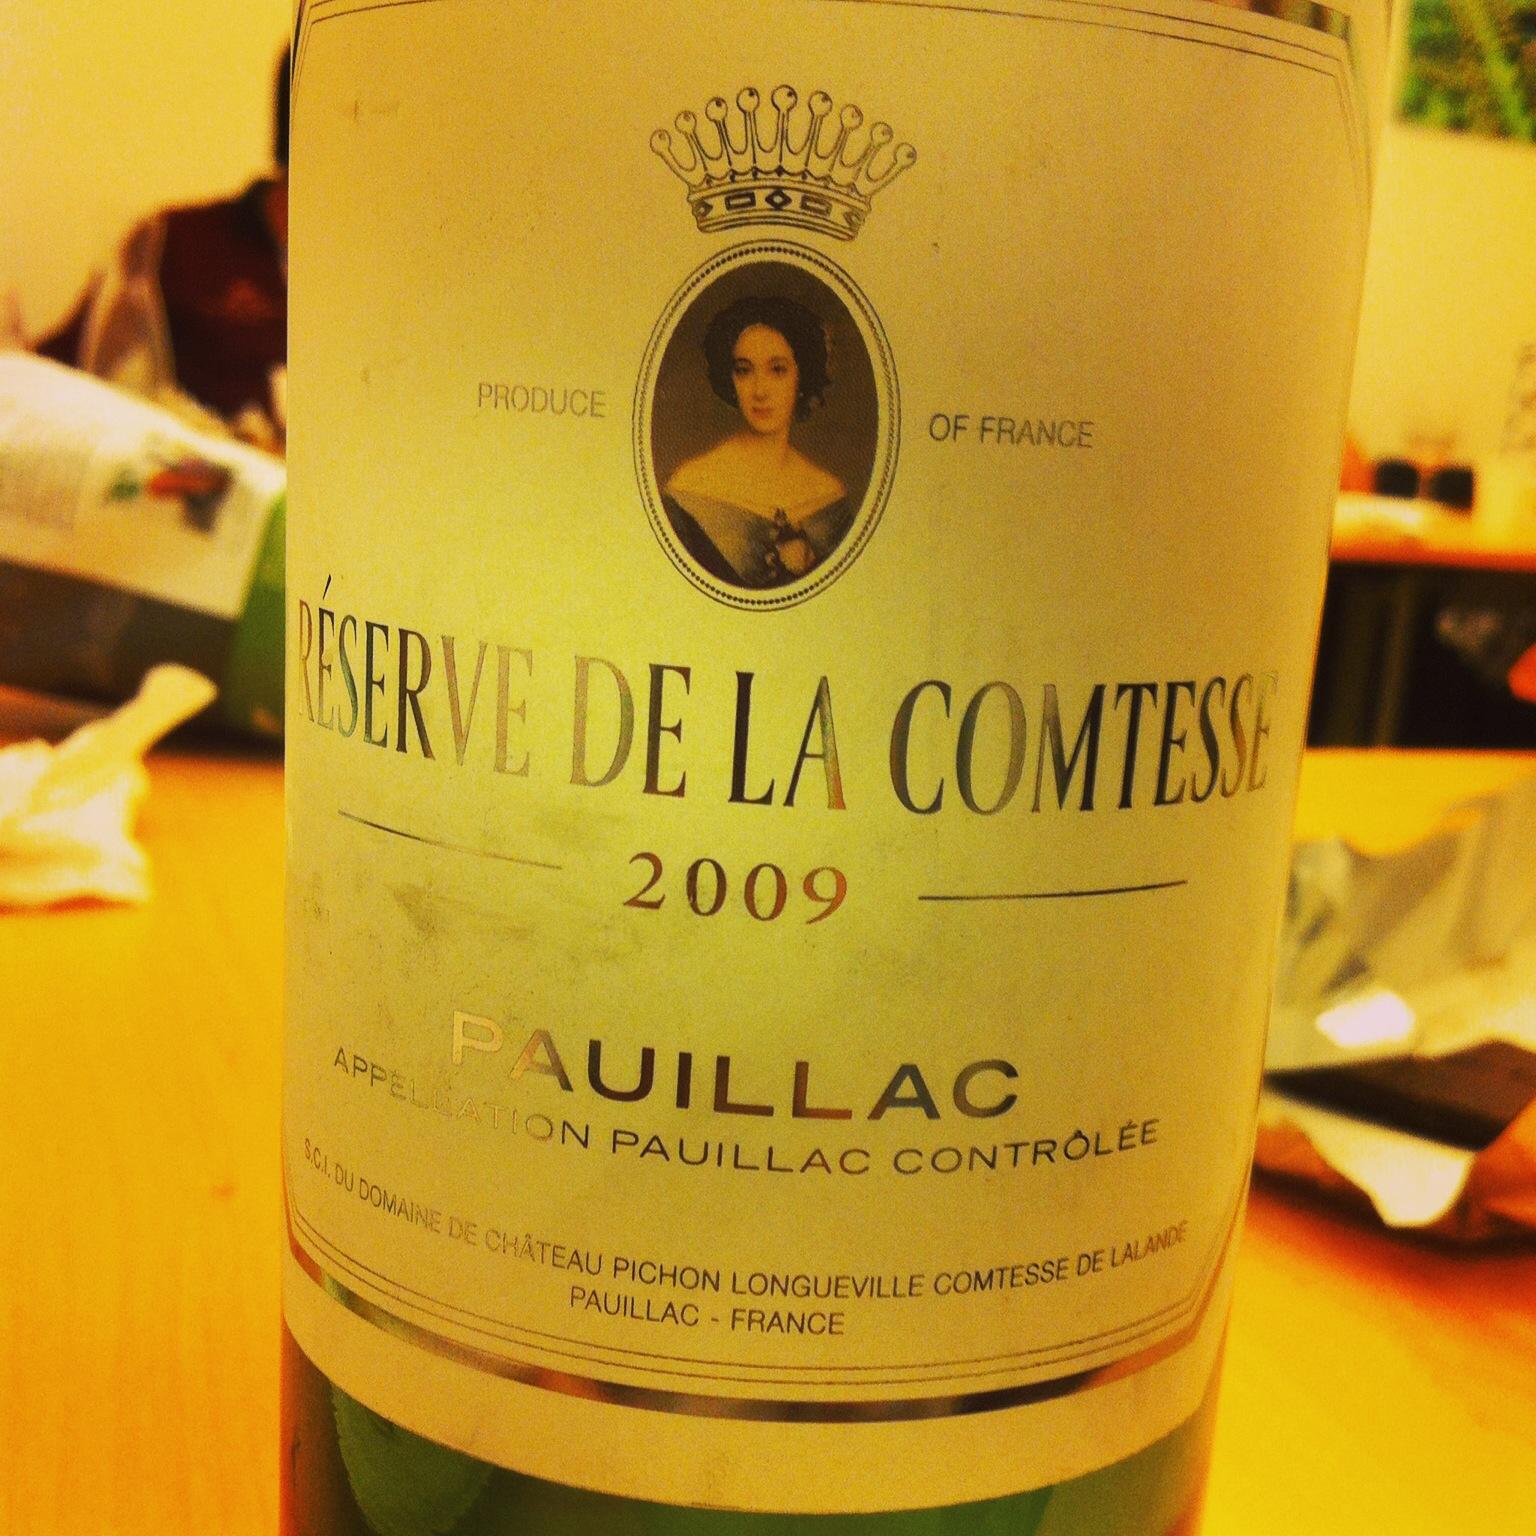 estelle r quels vins offrir a ses beaux parents moins de euros